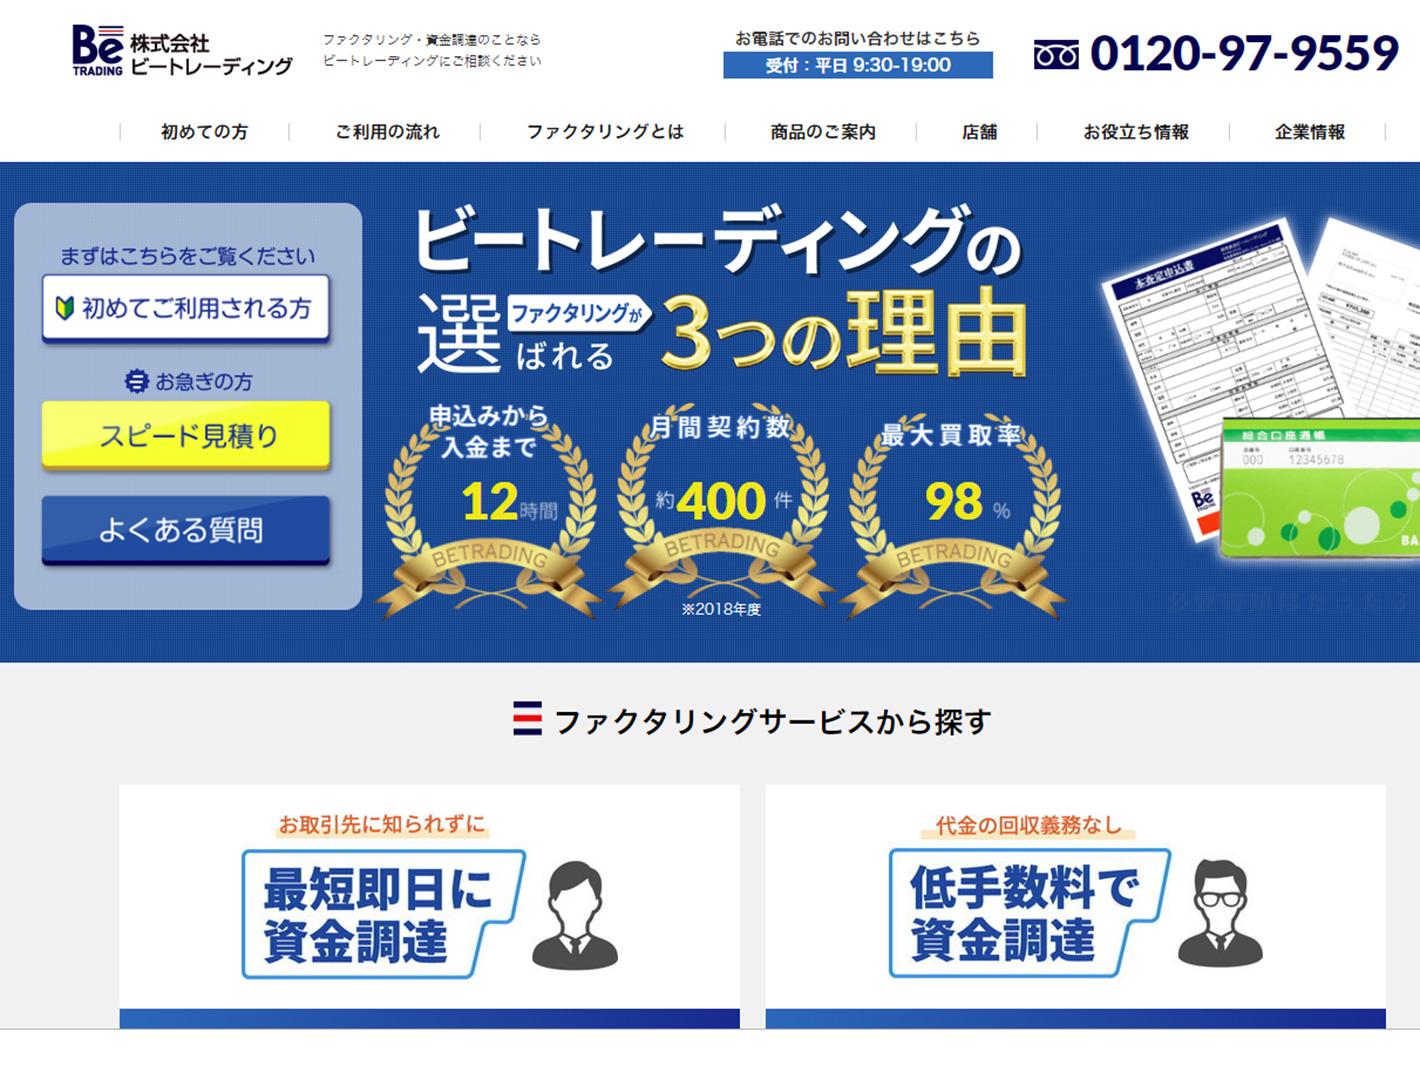 株式会社ビートレーディング 福岡支店